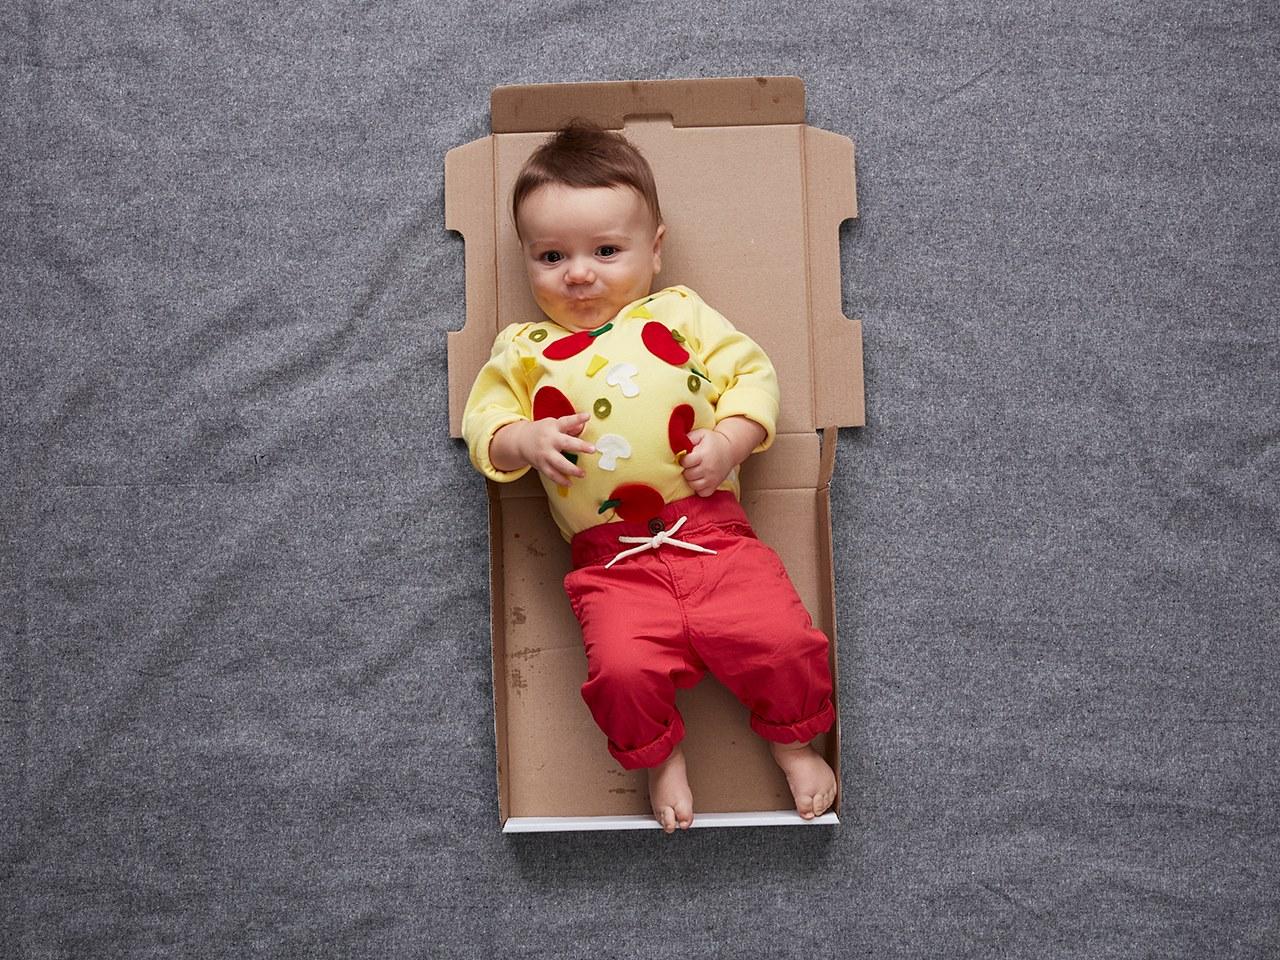 baby pizza costume